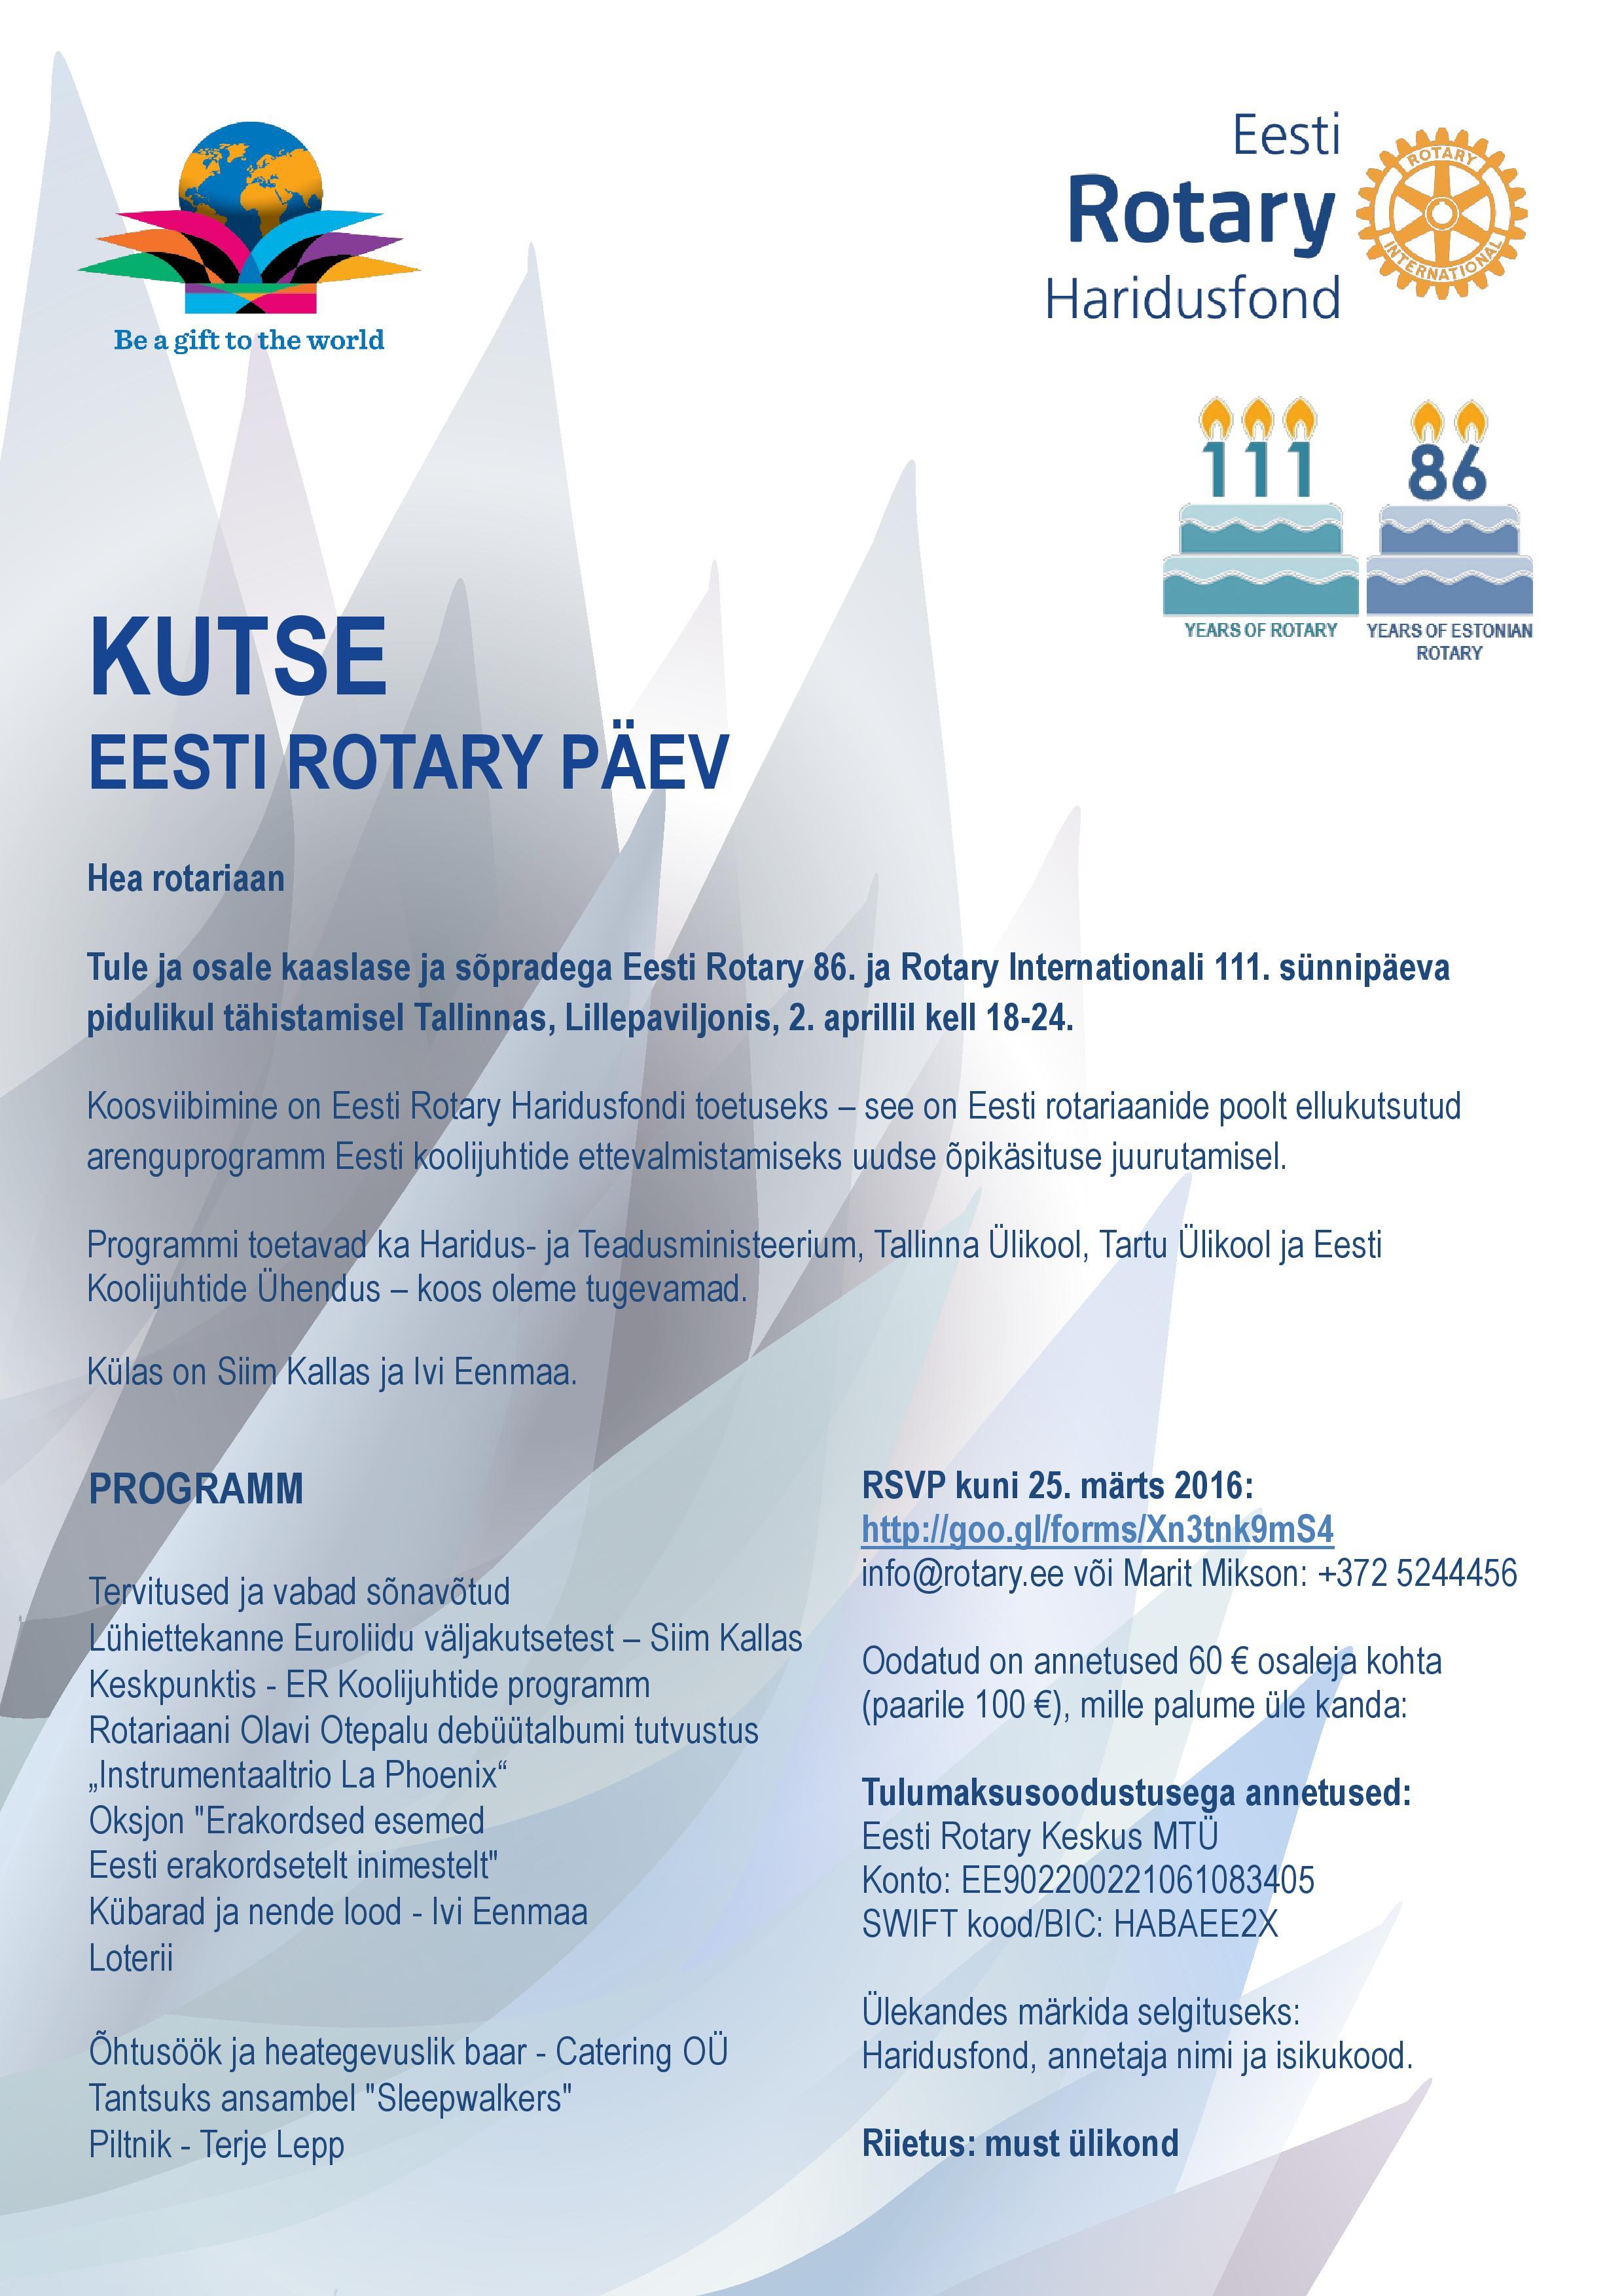 Rotariaan_Kutse_Eesti Rotary Päev_2. aprill